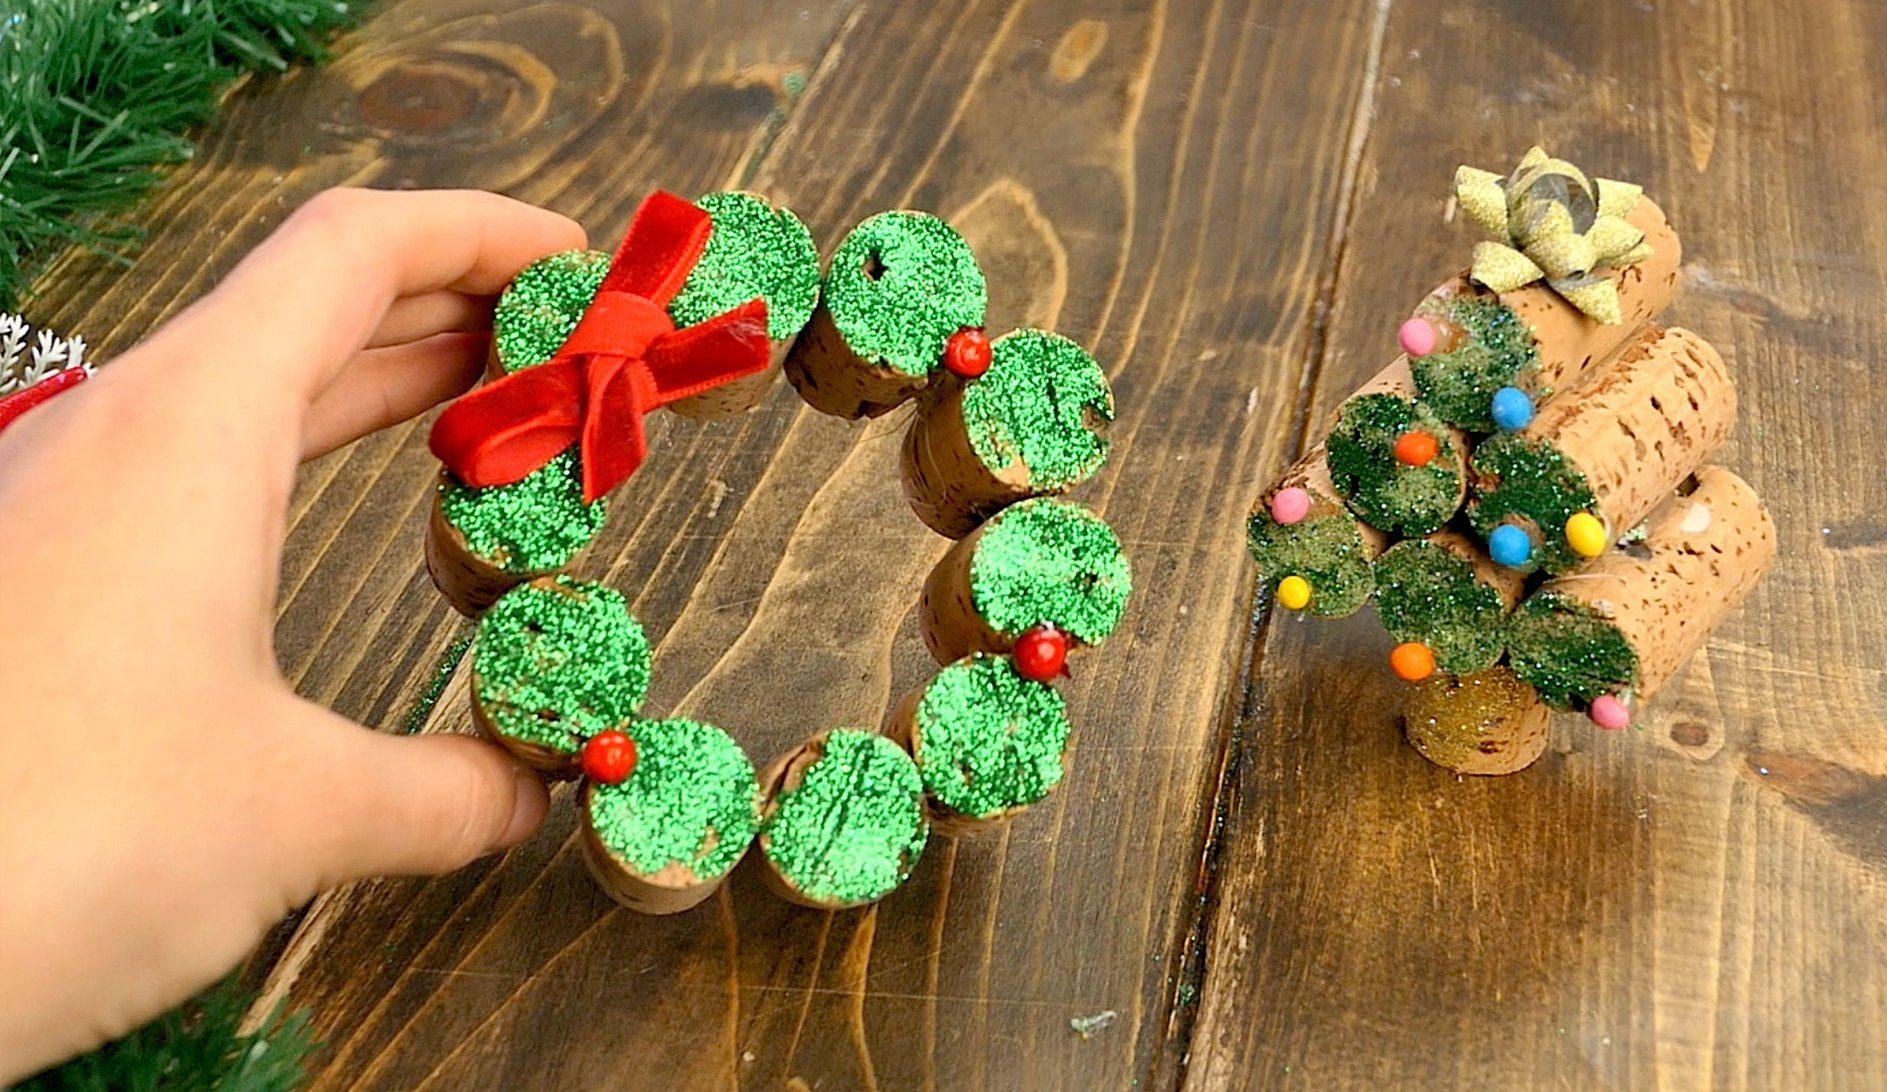 Idee Di Riciclo Per Natale ecco tre idee di riciclo per le tue decorazioni di natale